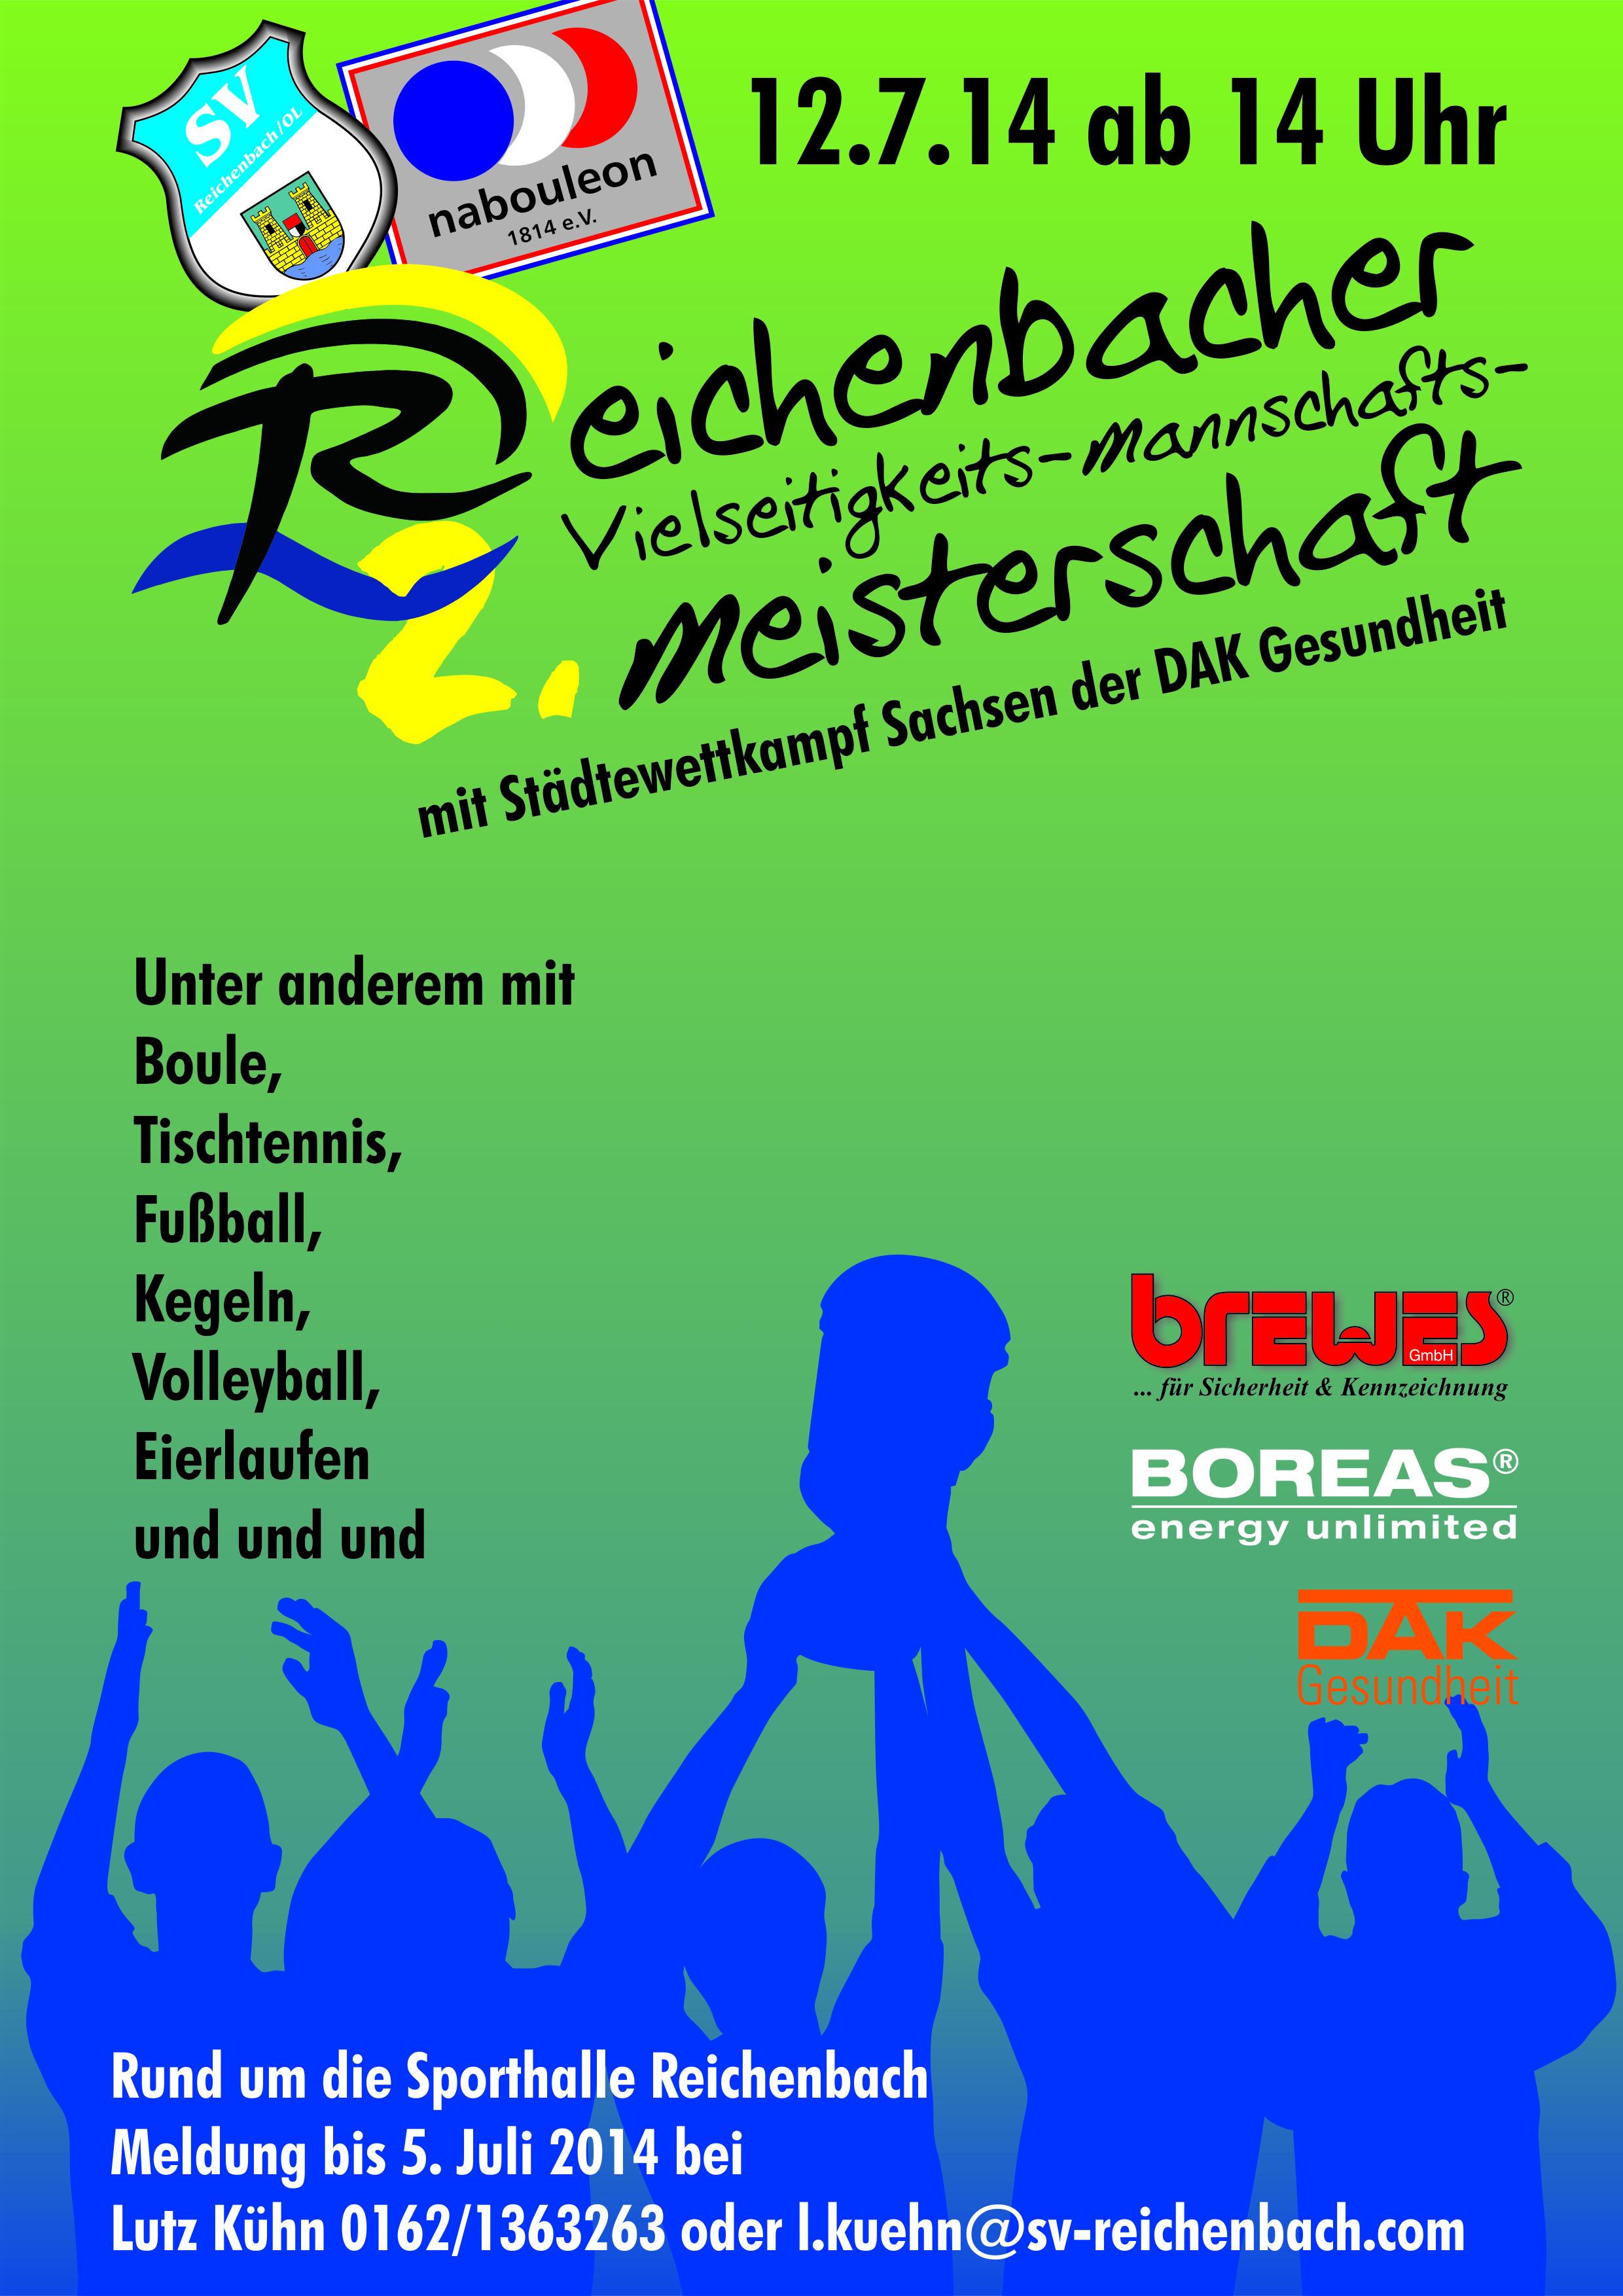 Reichenbacher Vielseitigkeits-Mannschafts-Meisterschaft